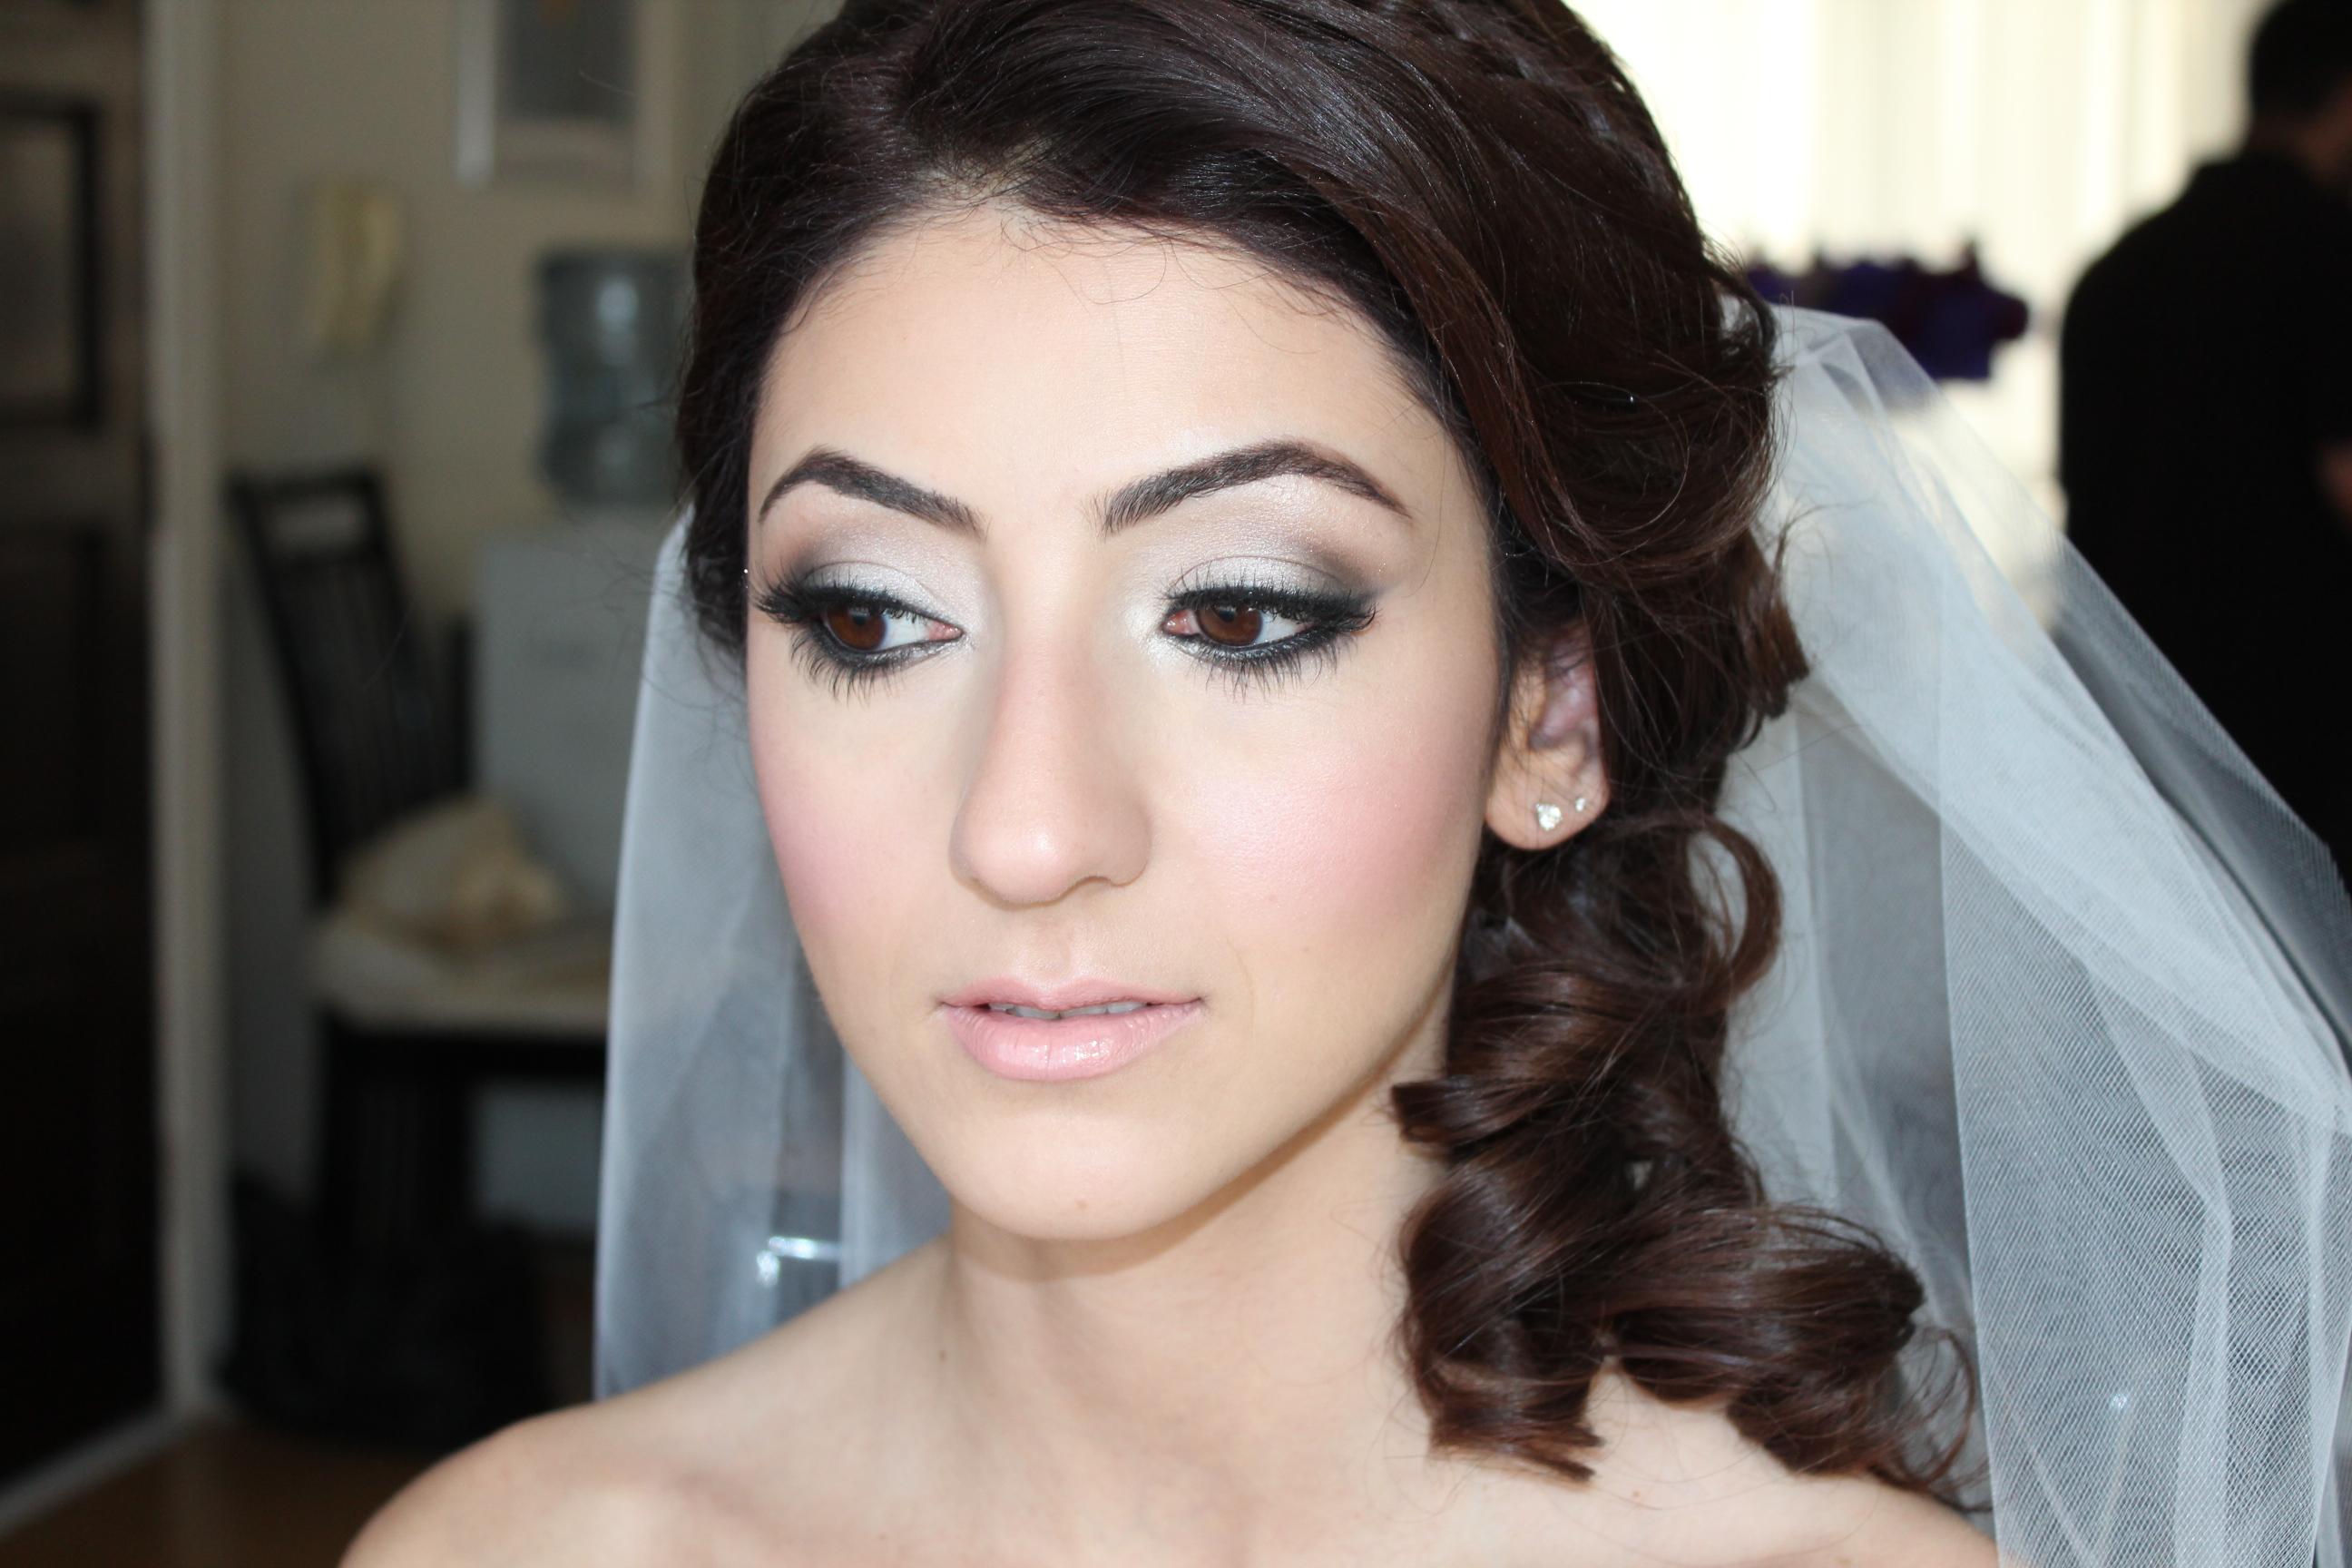 Dramatic Wedding Eye Makeup : Dramatic Wedding Makeup - Viewing Gallery